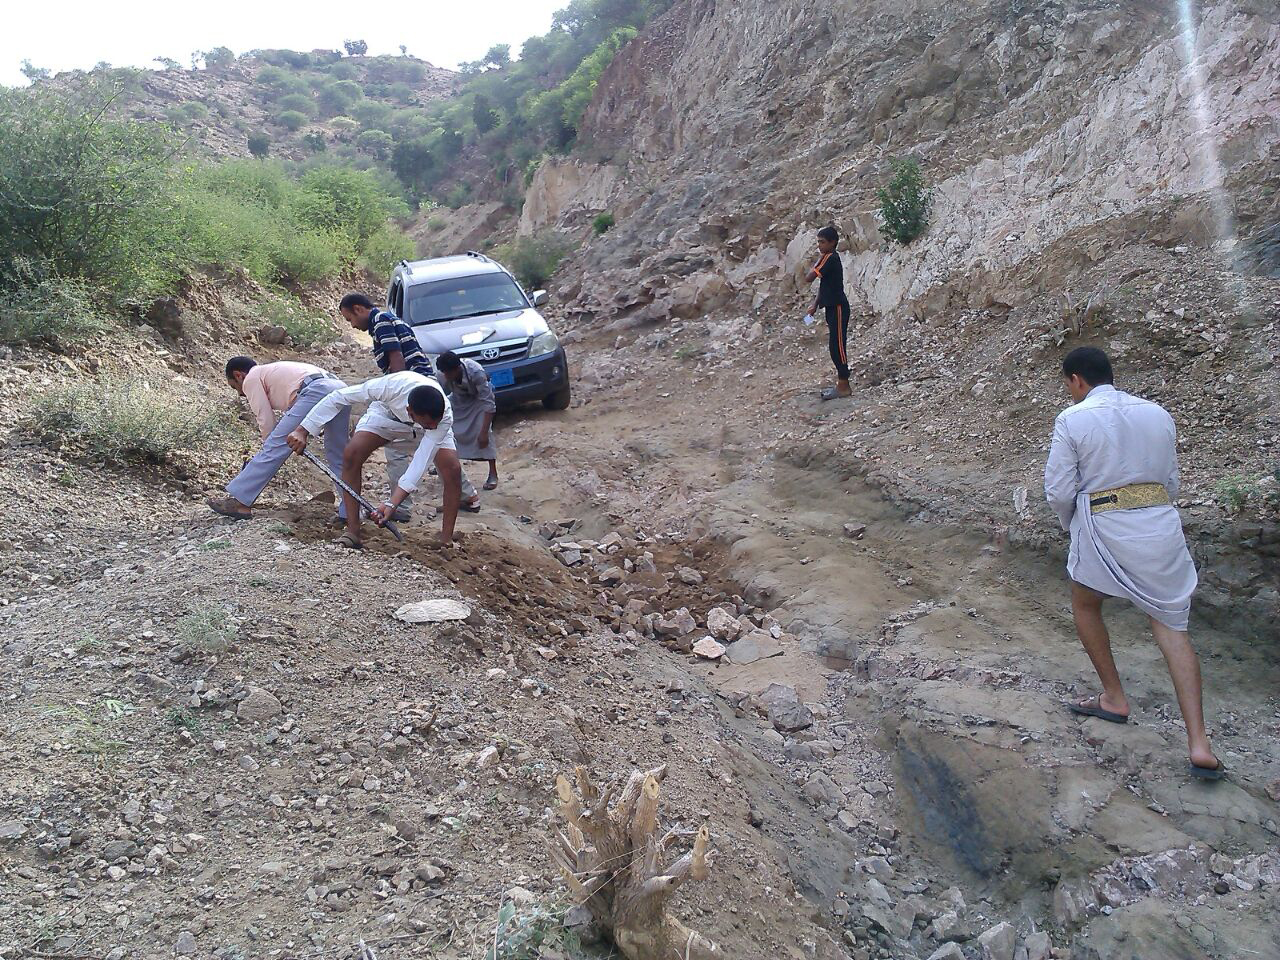 yemen-story-mmt-1-260819.jpg